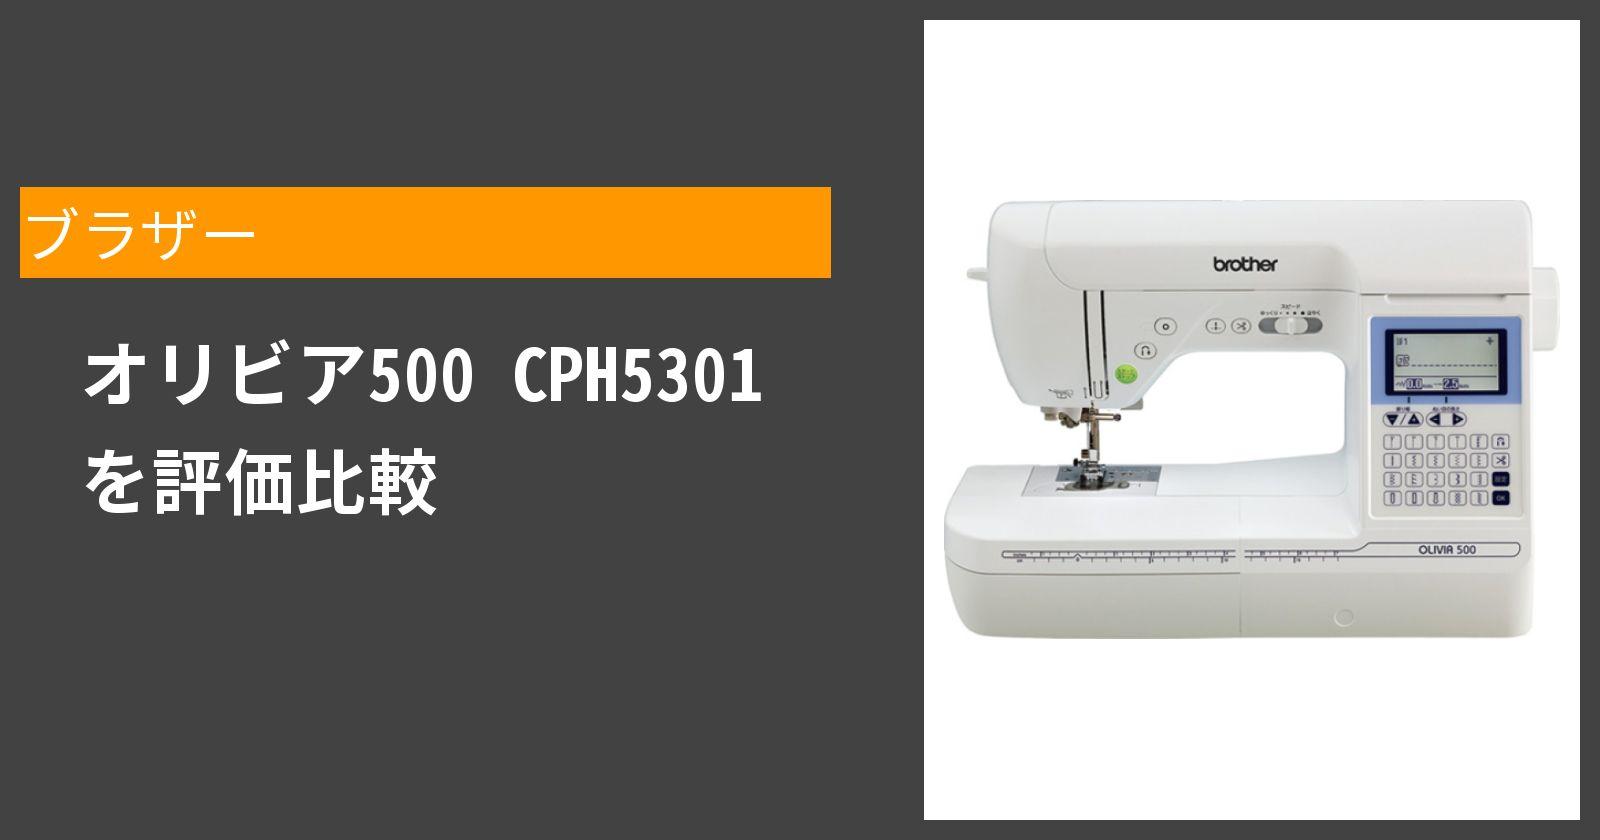 オリビア500 CPH5301を徹底評価